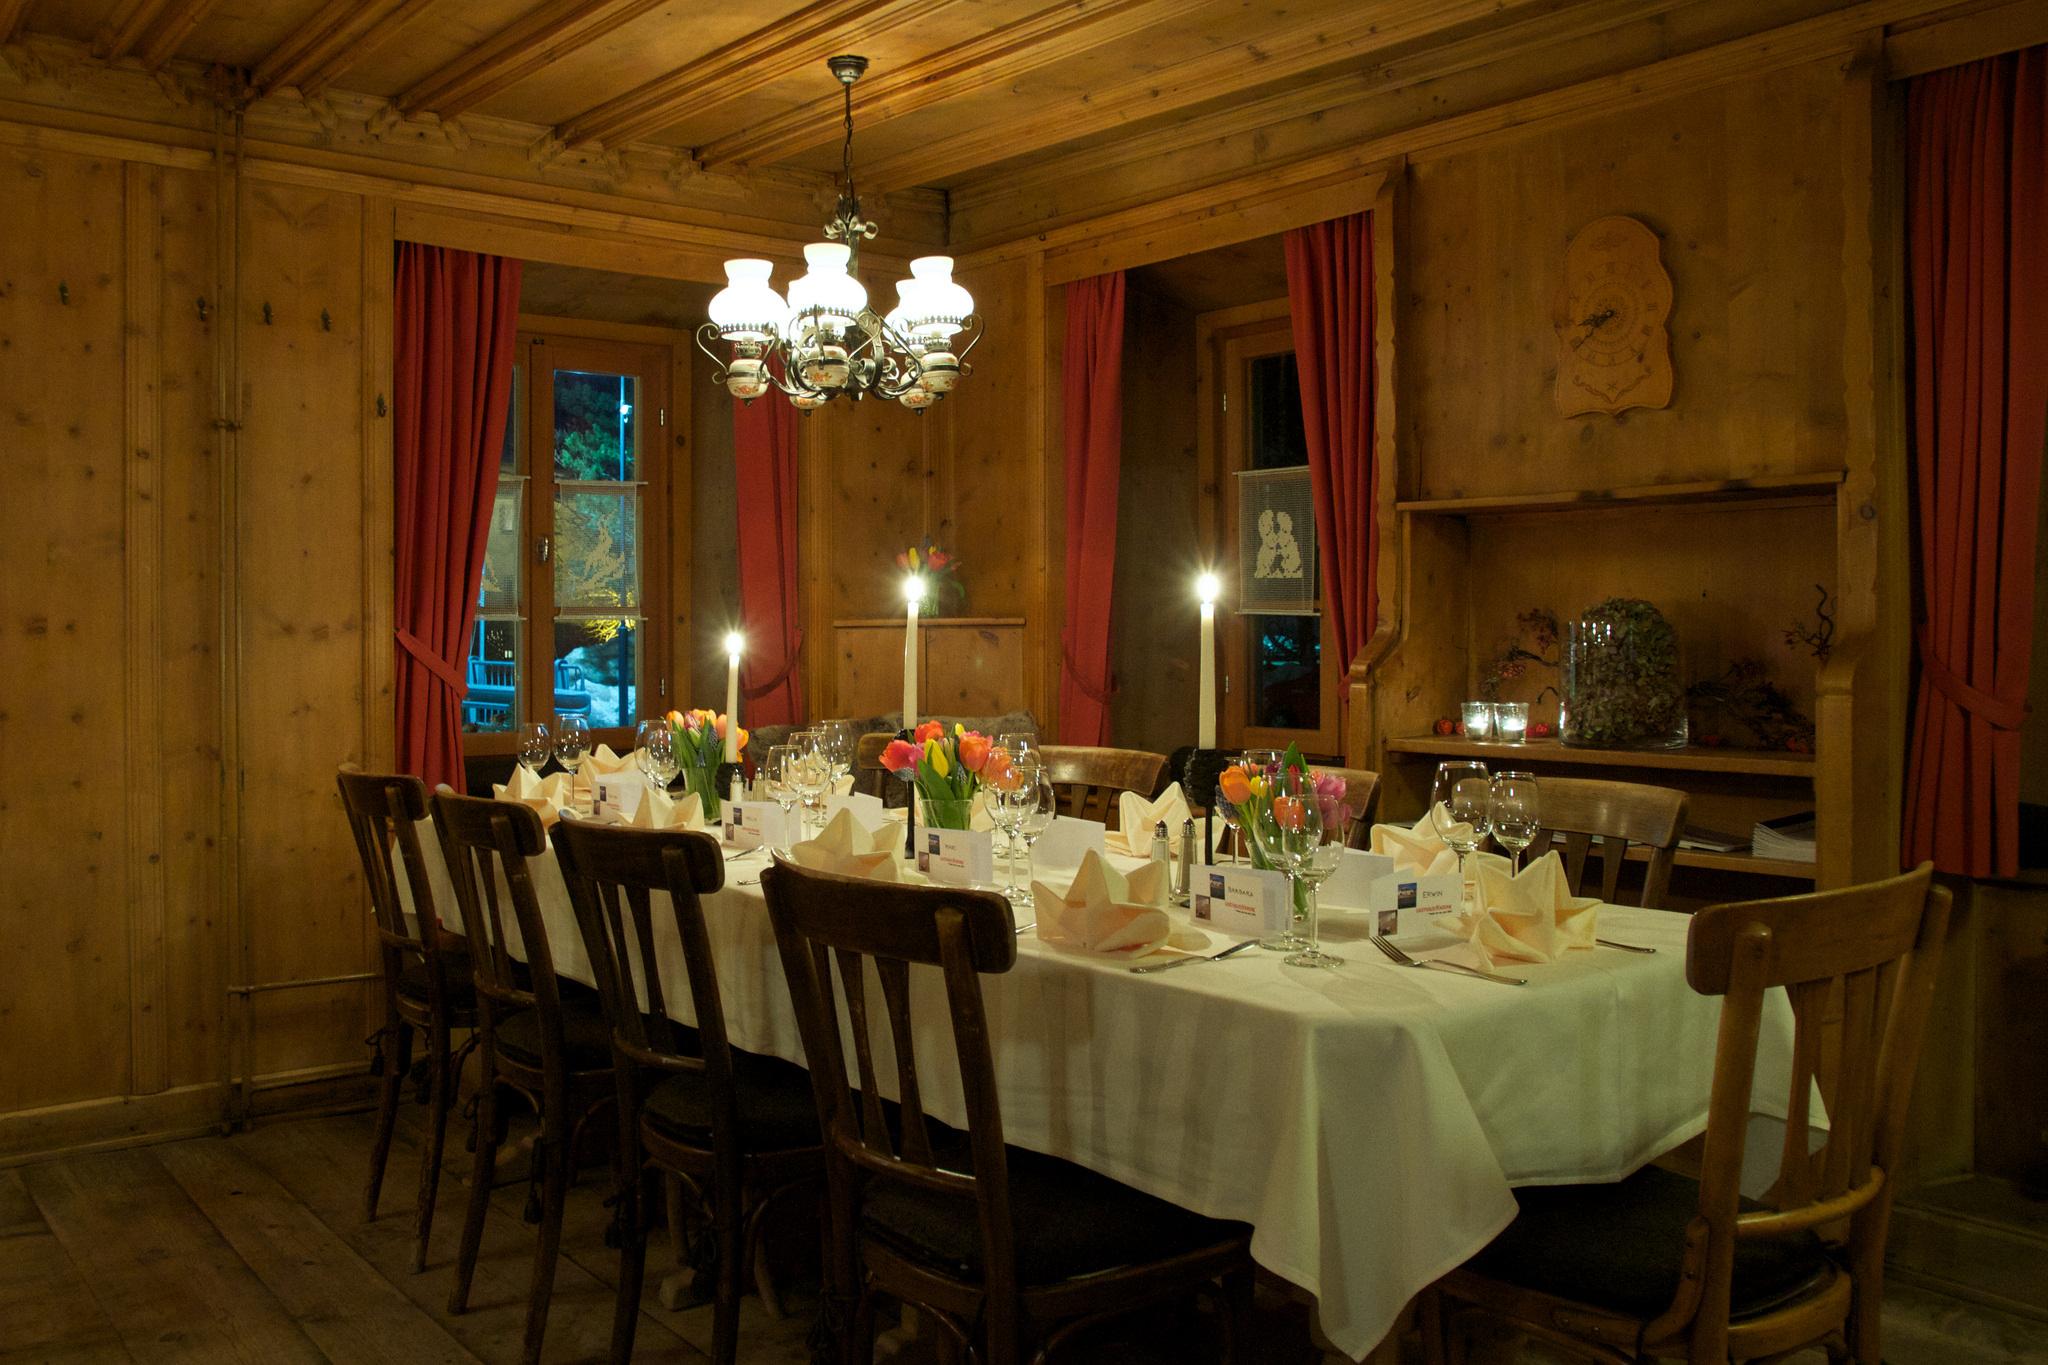 Hotel Gasthaus Krone Slide 4